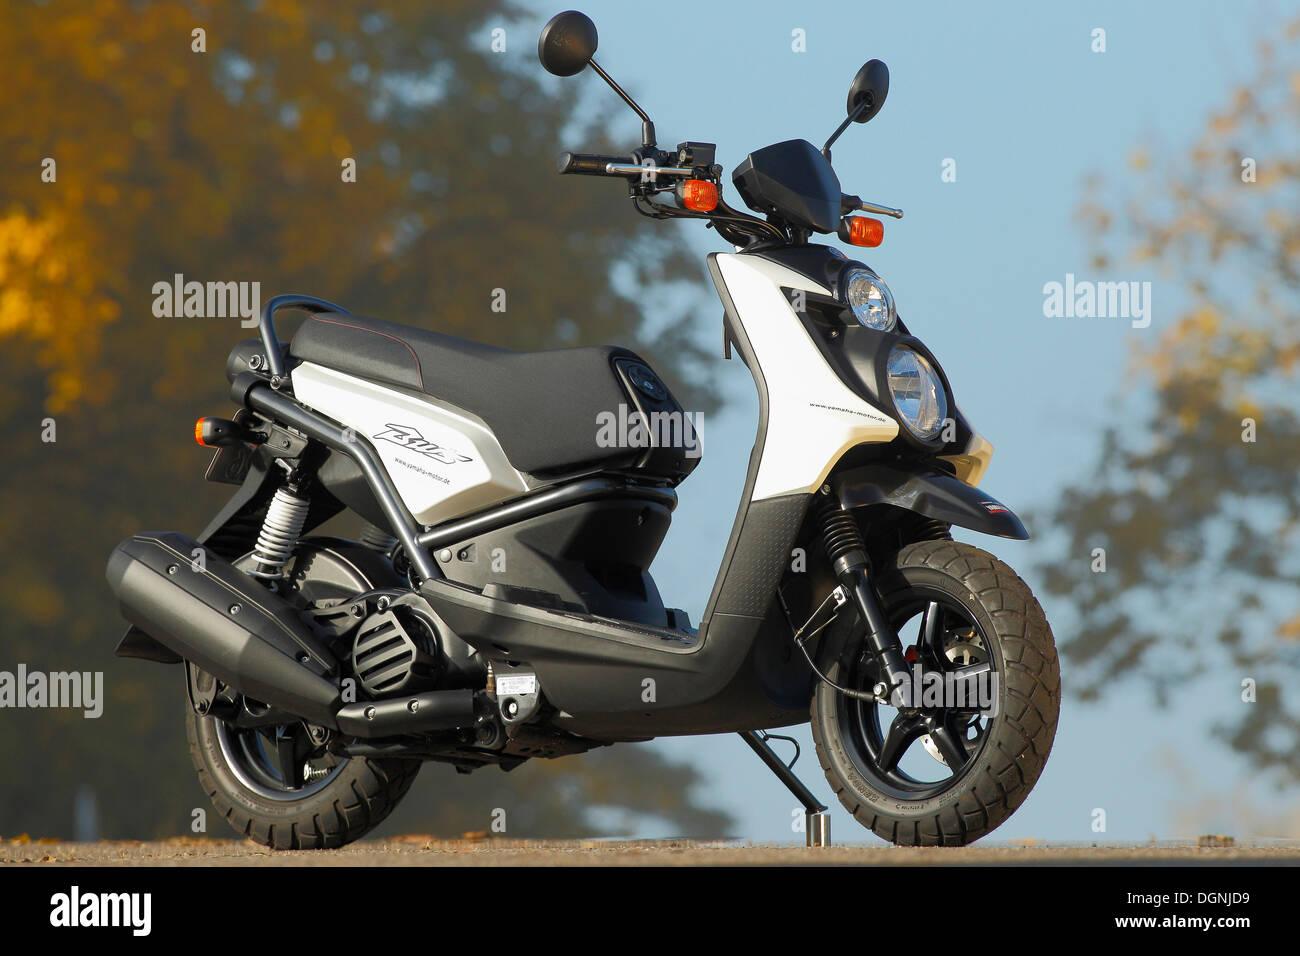 Yamaha Scooter Stock Photos & Yamaha Scooter Stock Images